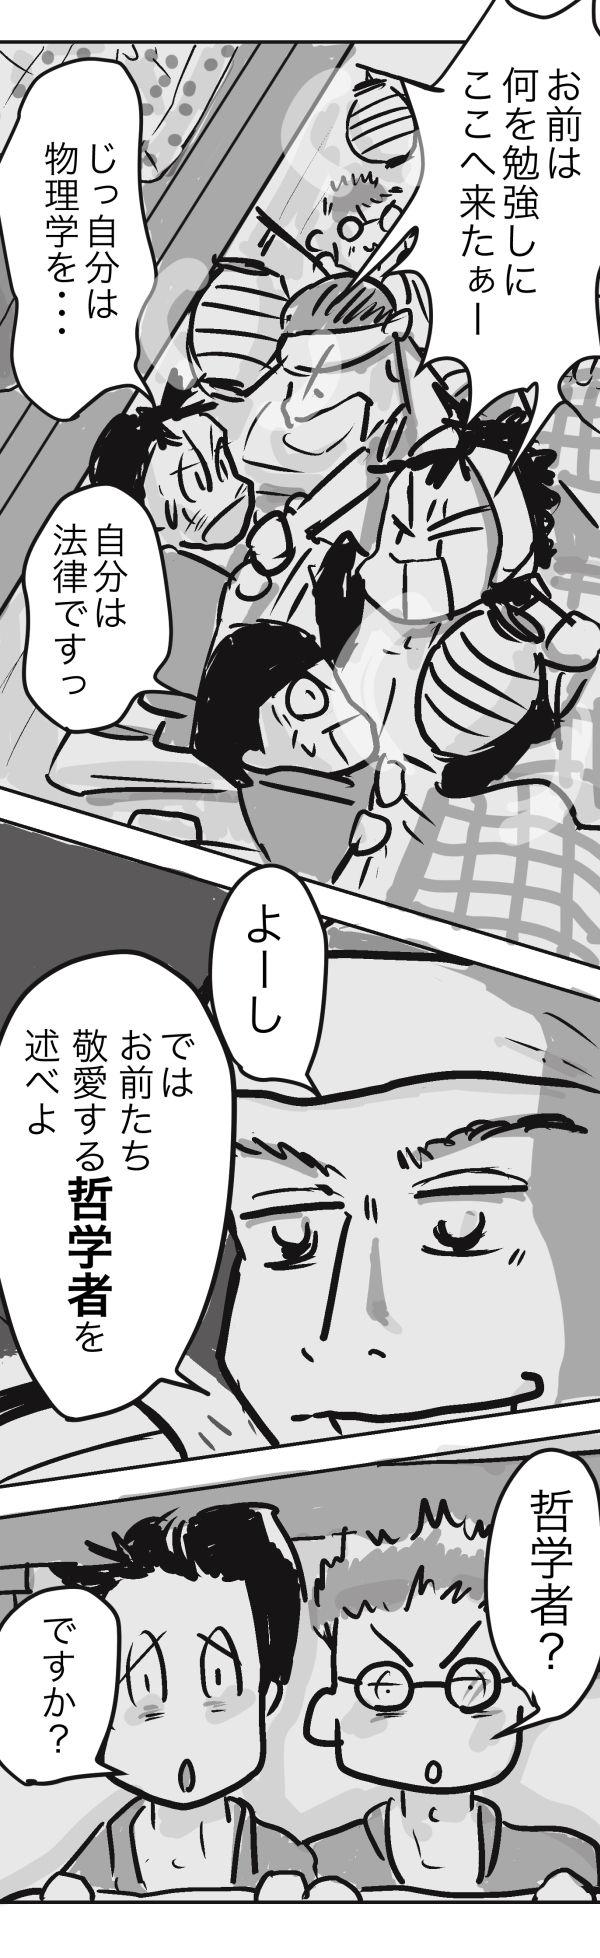 山田金沢2−4−2